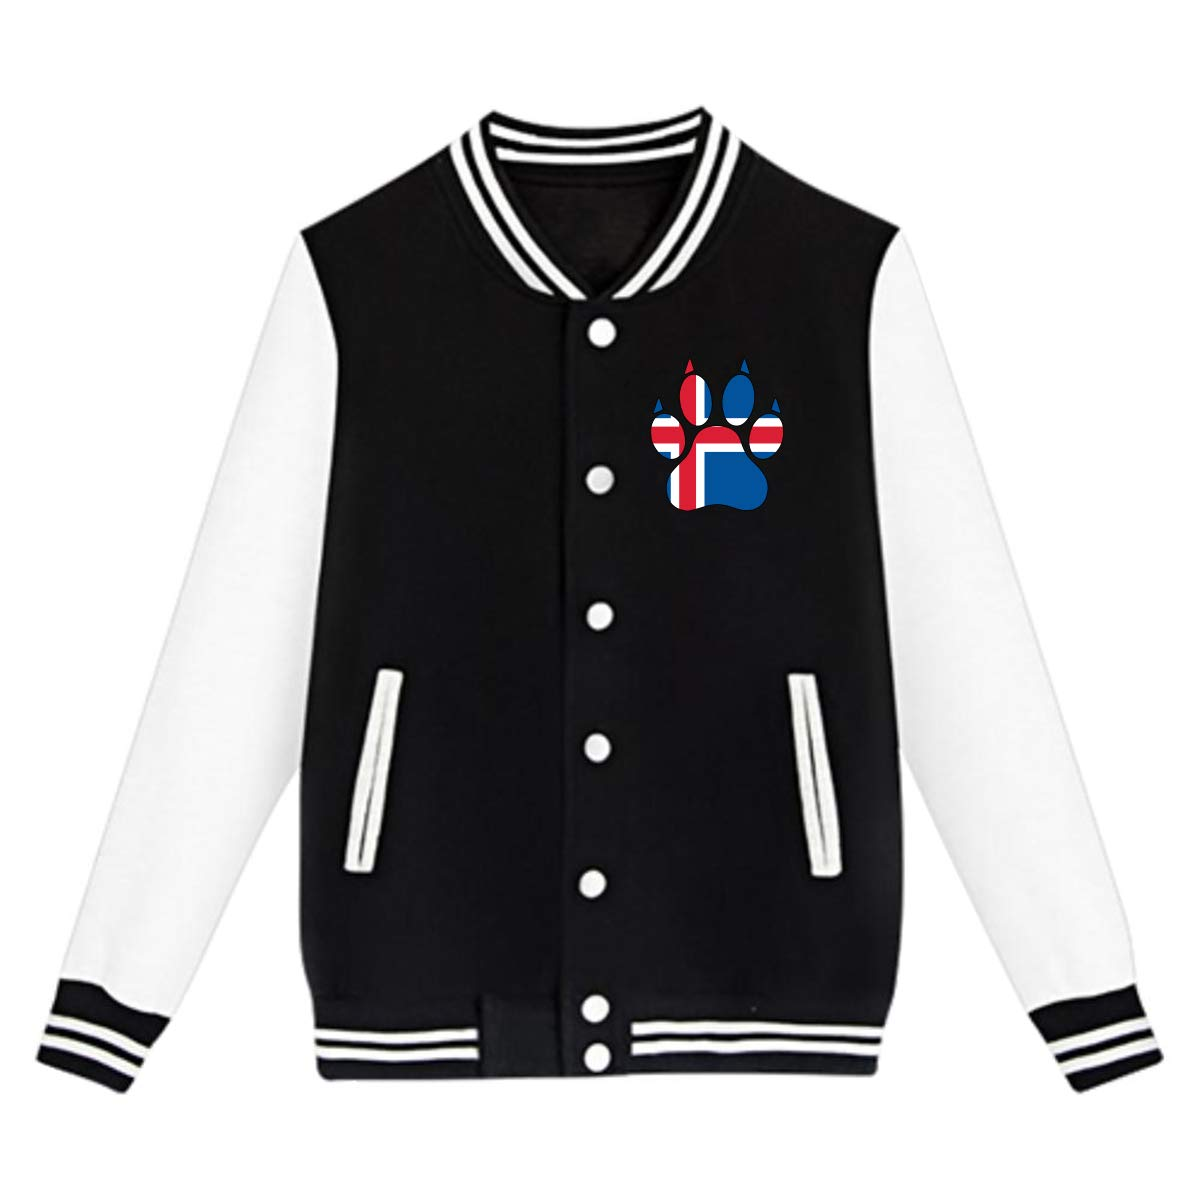 Unisex Youth Baseball Uniform Jacket Iceland Flag Dog Paw Hoodie Sweatshirt Sweater Tee